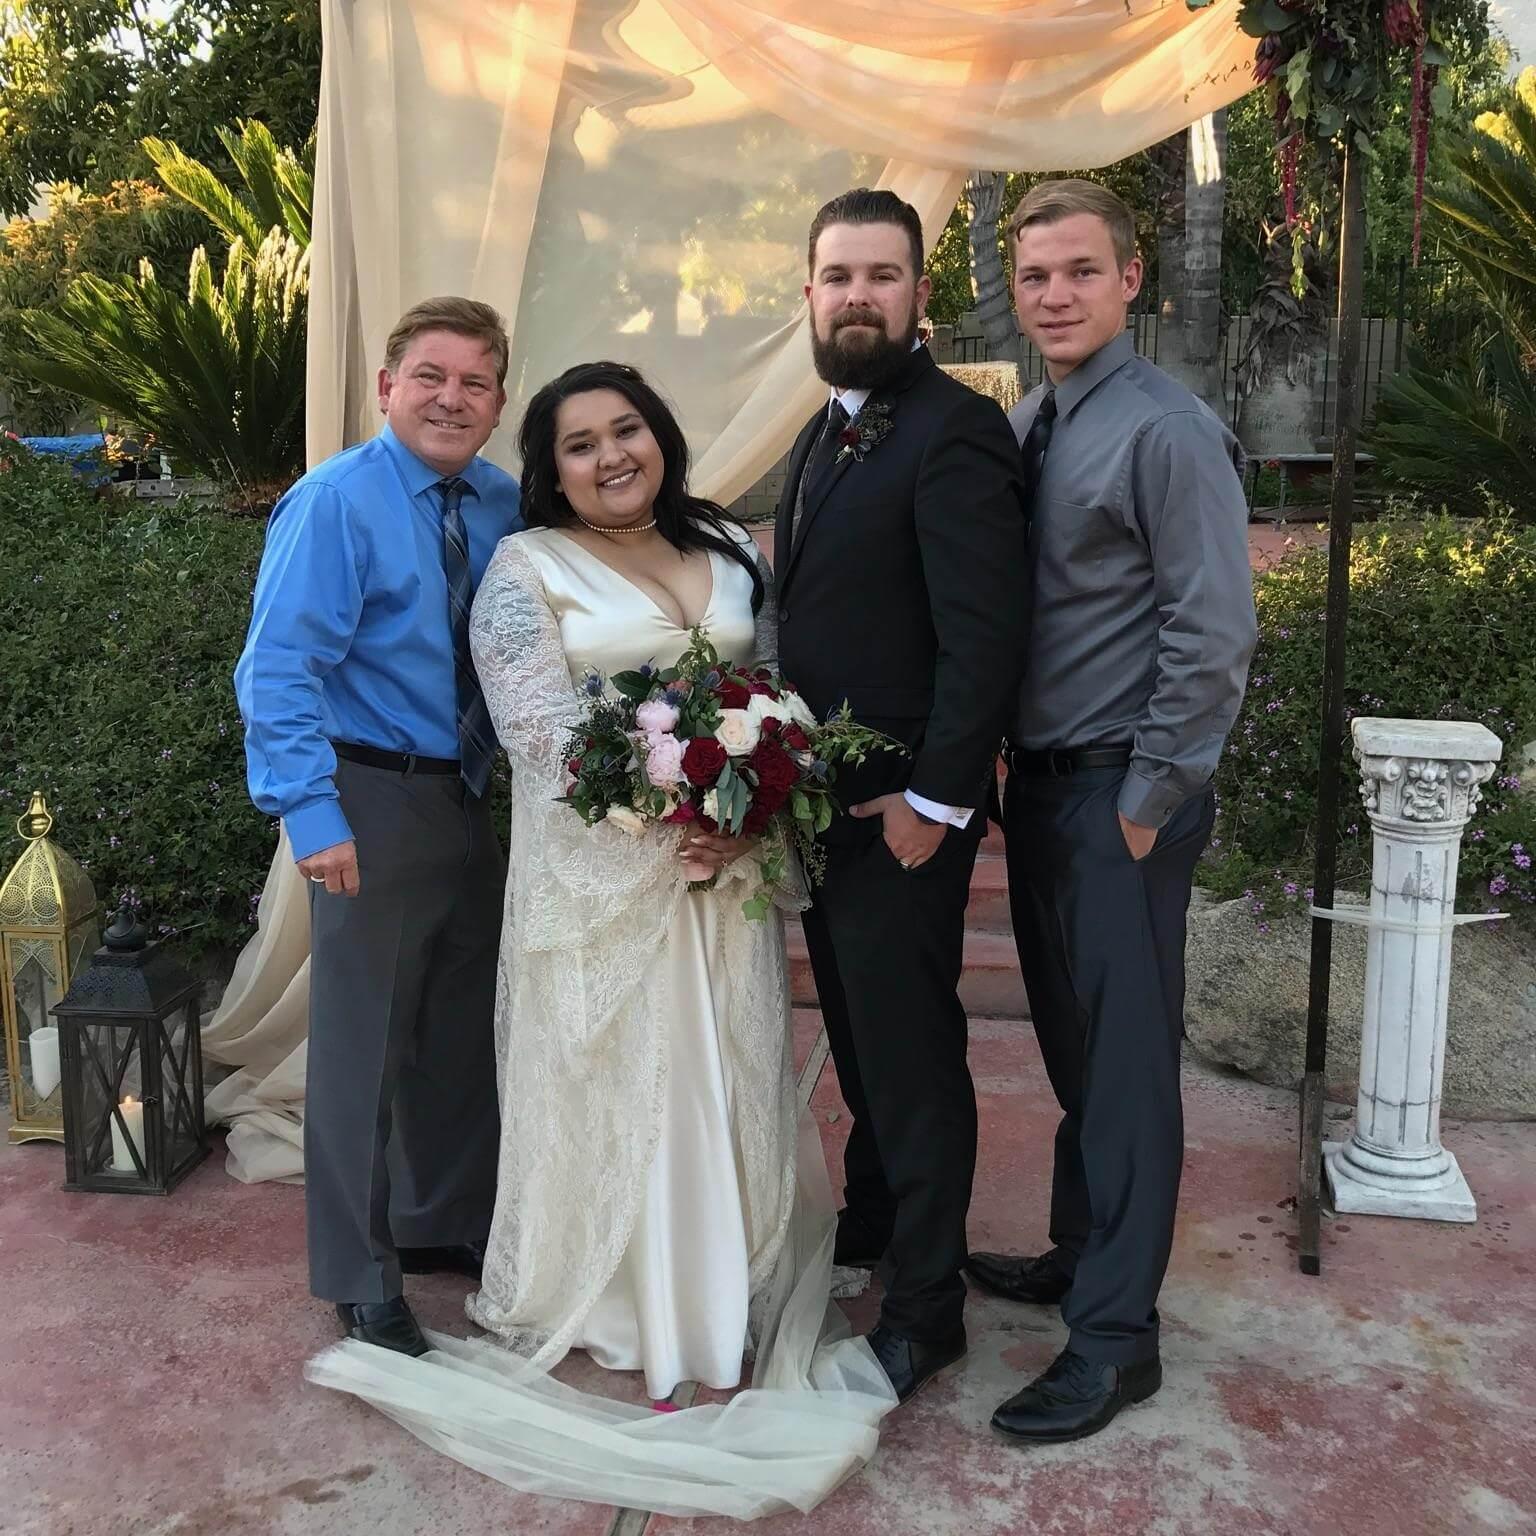 Wedding Ceremony And Reception In Upland San Antonio